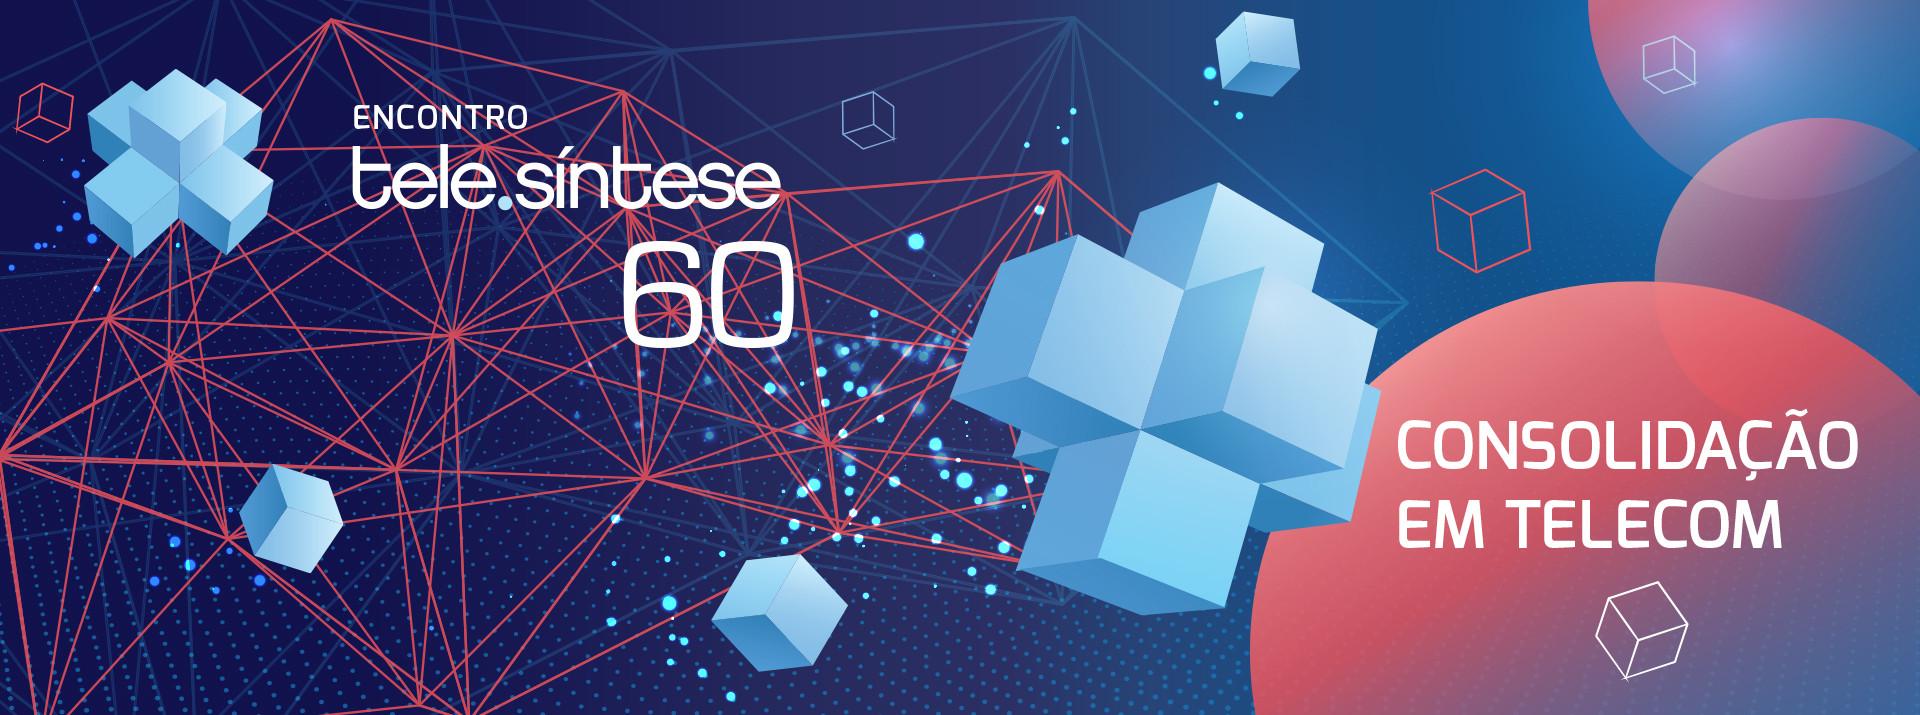 Banner-ETS-60-2020-vermelho-interna-v002